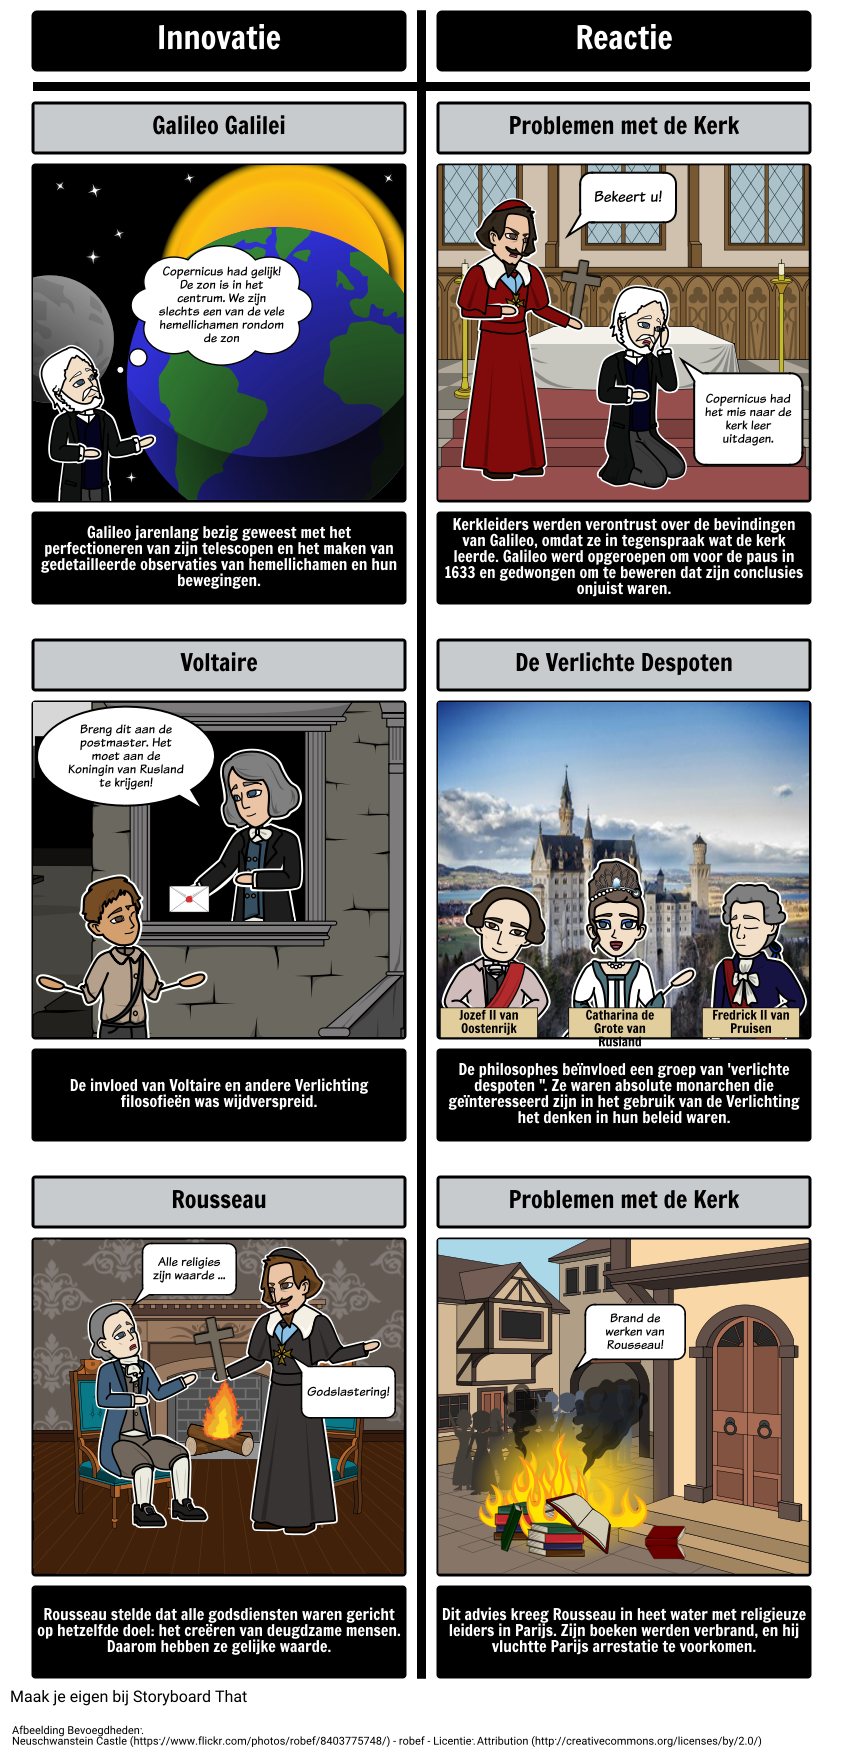 Wetenschappelijke Revolutie en de Verlichting: Reacties